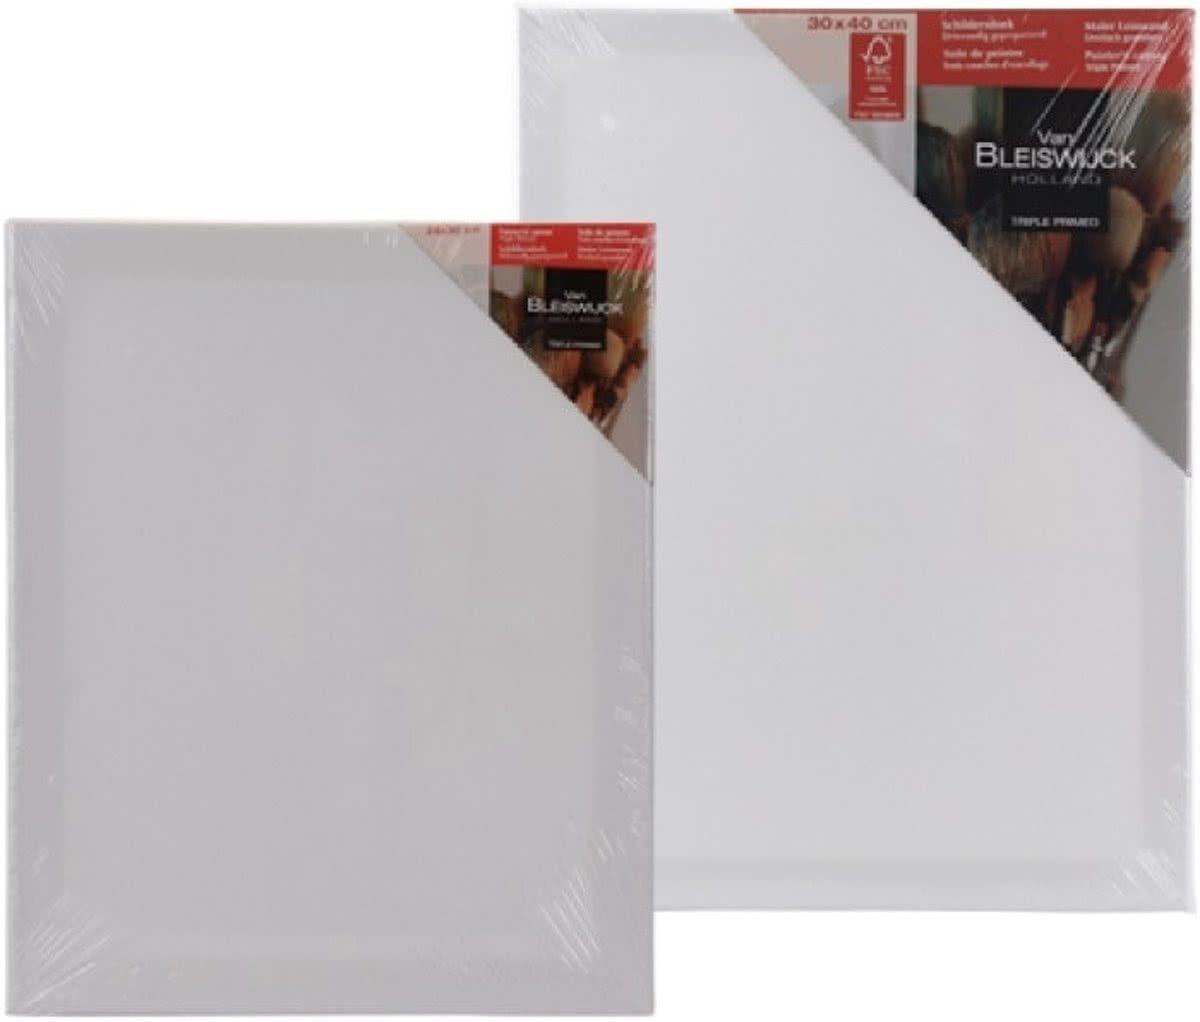 Schilderdoek canvas 20x20cm van Bleiswijck Holland - 2 stuks - Schildercanvas - 20x20cm - schilder doek - drievoudig geprepareerd kopen